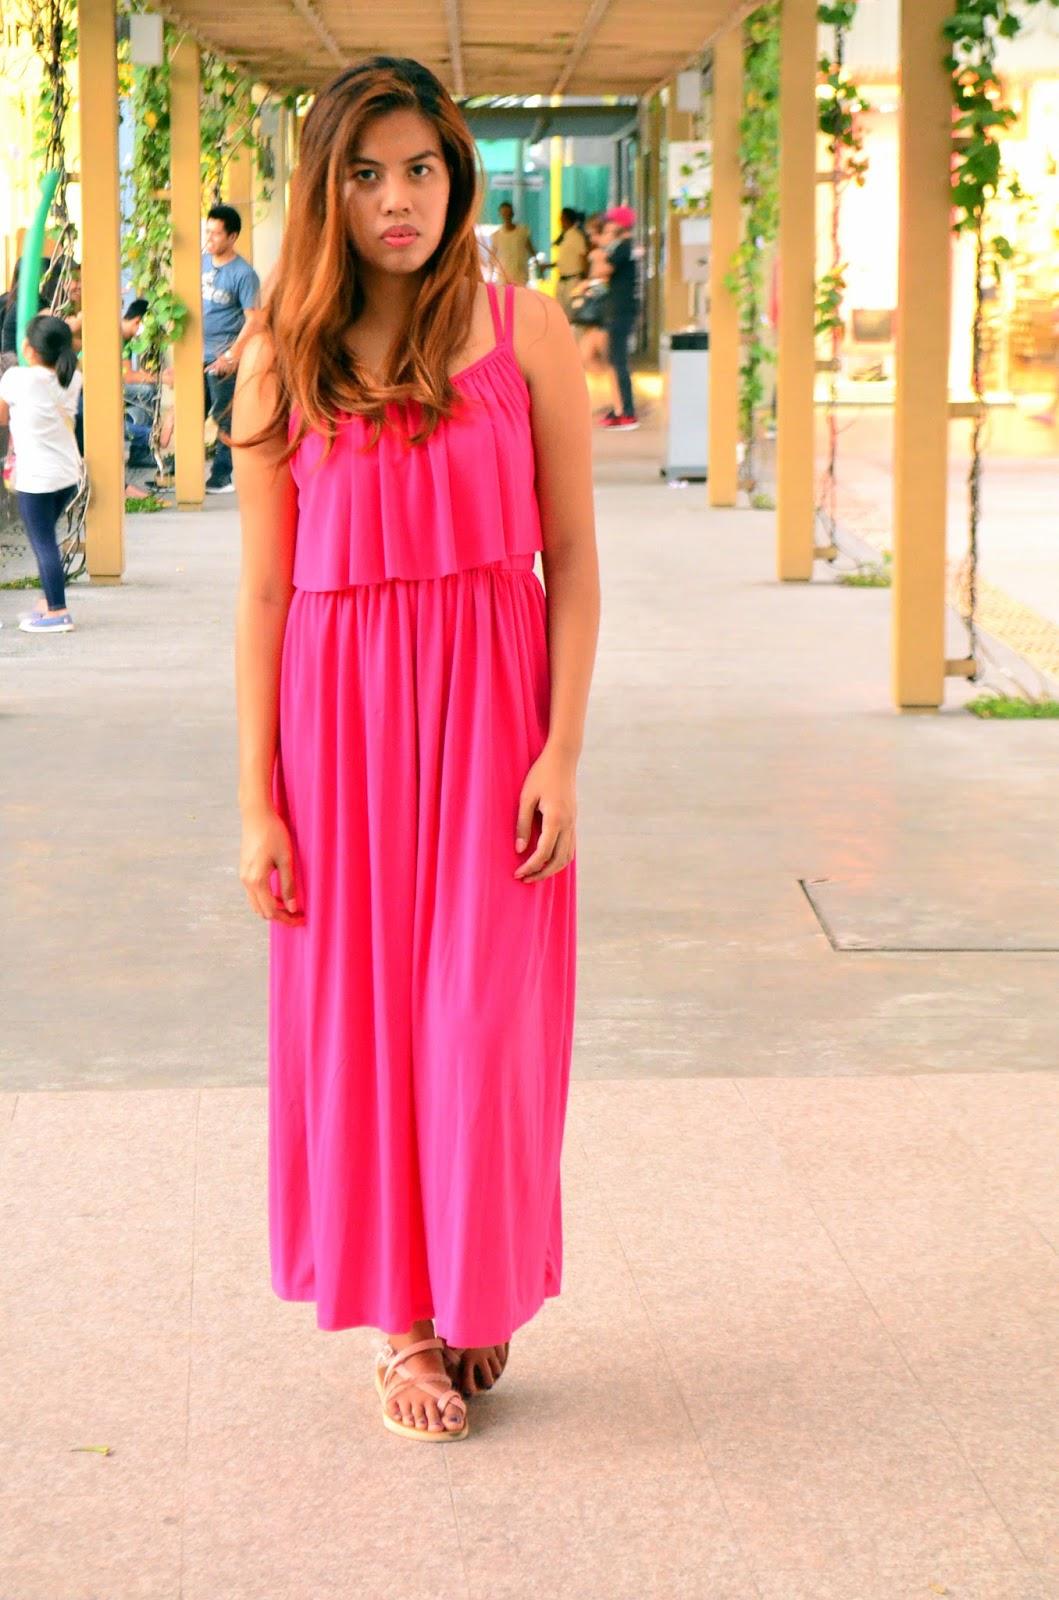 bright pink maxi dress